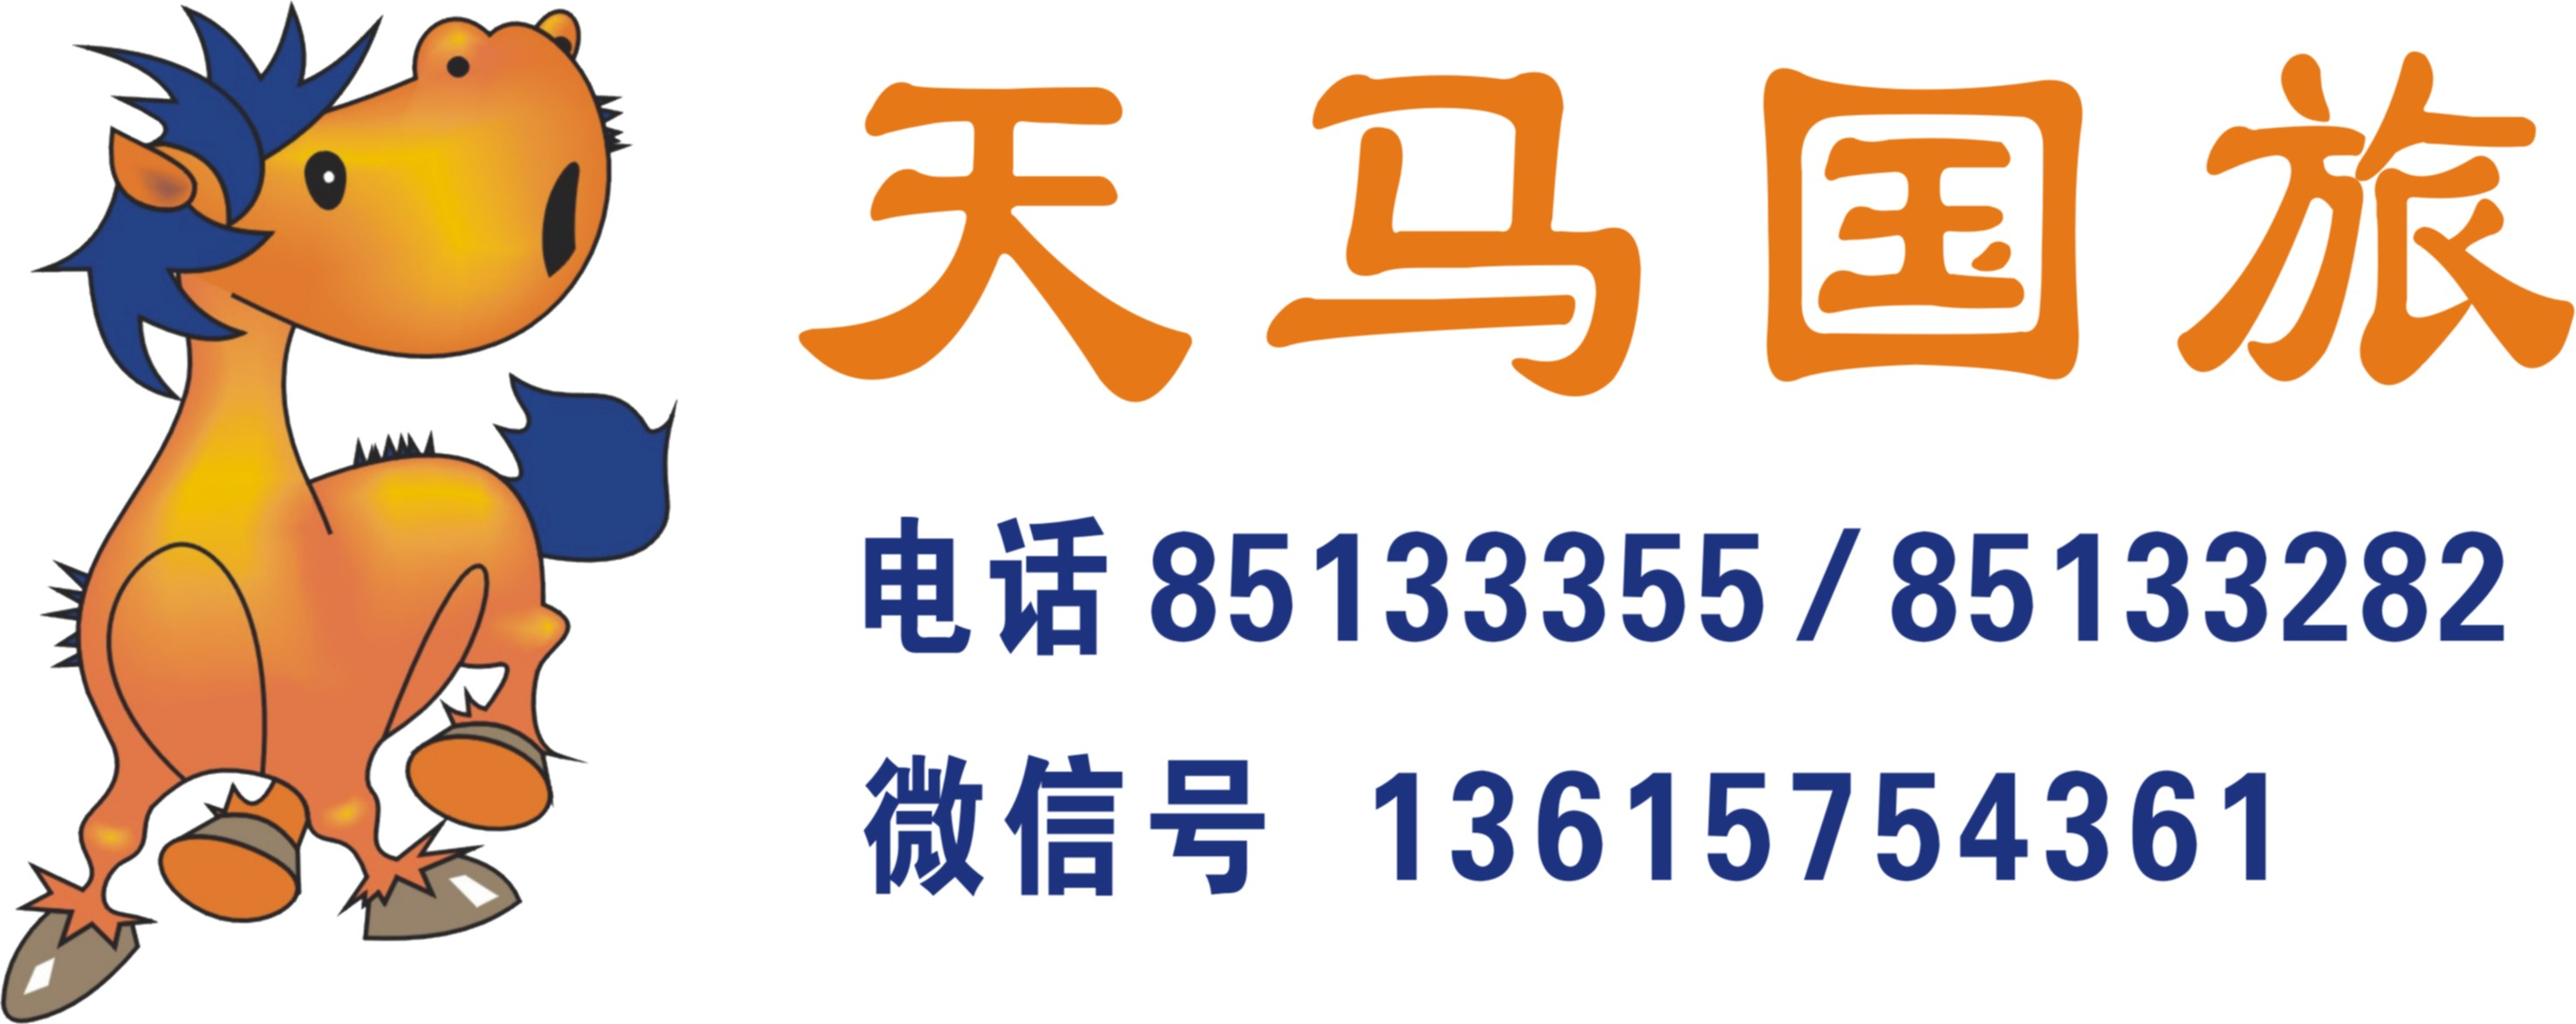 2.23【上海明珠塔、城隍庙外滩、海底世界二日】